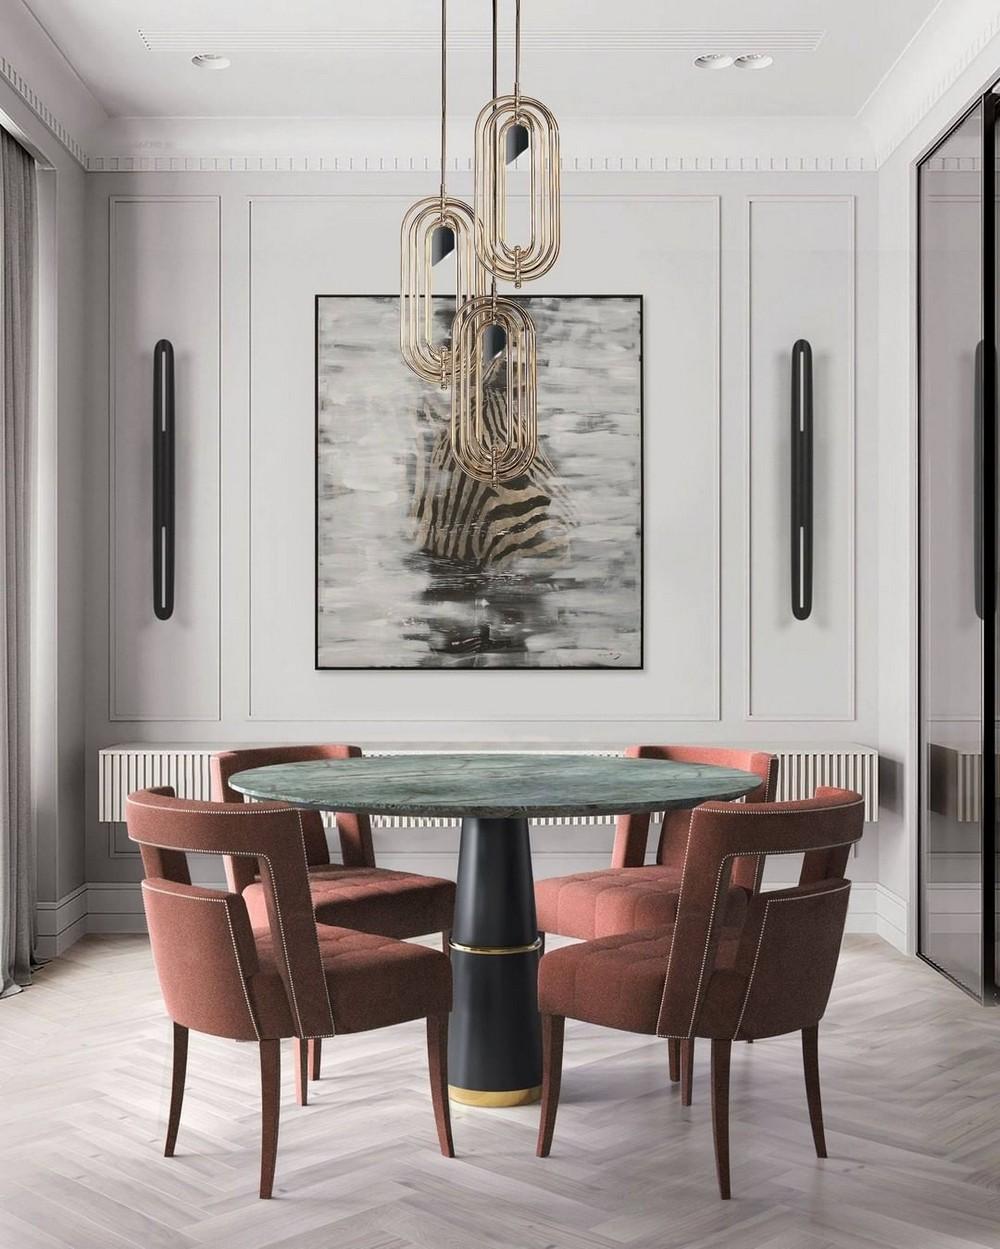 Comedores lujuosos: Inspiraciónes perfectas para un Diseño de interior moderno comedores lujuosos Comedores lujuosos: Inspiraciónes perfectas para un Diseño de interior moderno 11